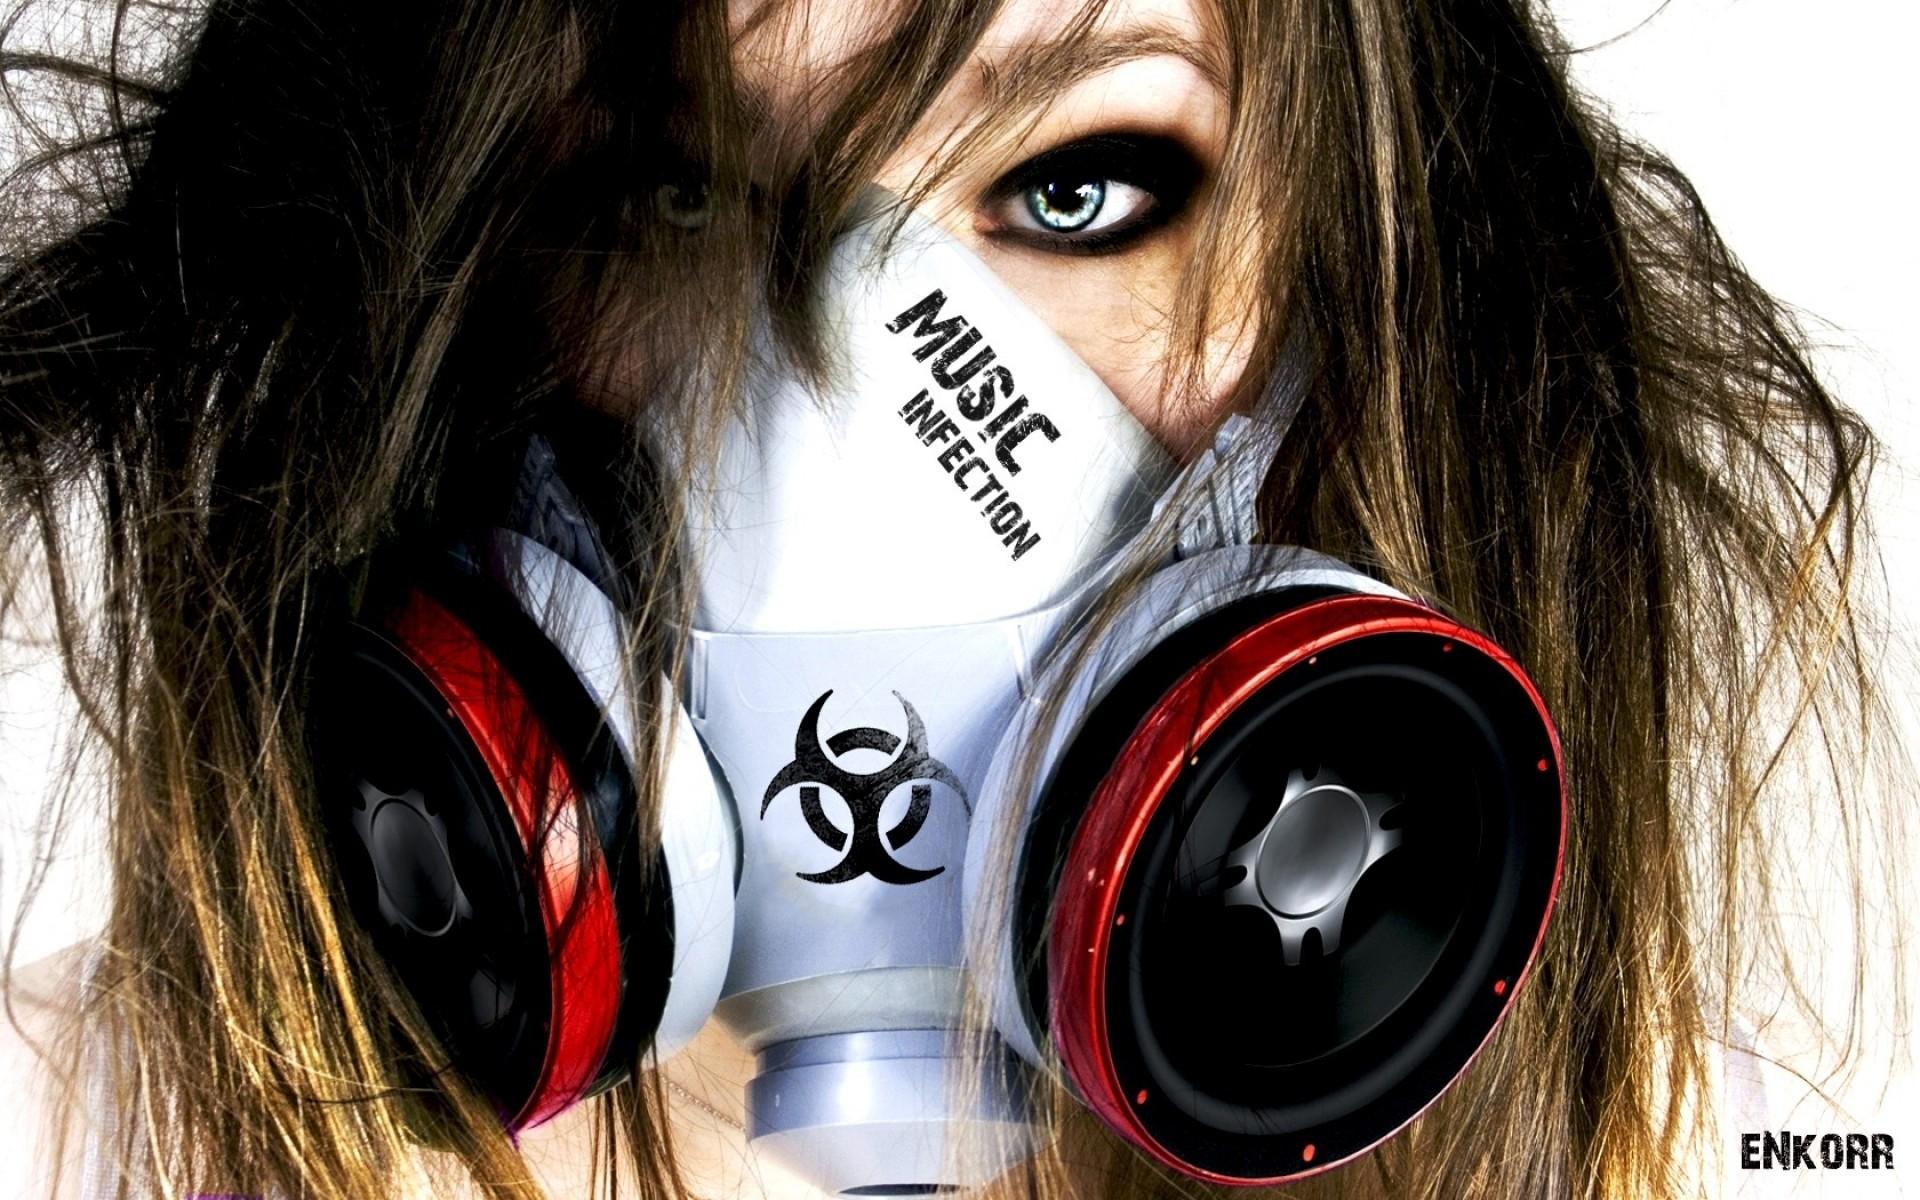 Wallpaper Menghadapi Wanita Model Masker Gas Kacamata Topeng Headphone Pakaian Kepala Keren Mata Kostum Alat Telinga Organ 1920x1200 Garett 222807 Hd Wallpapers Wallhere